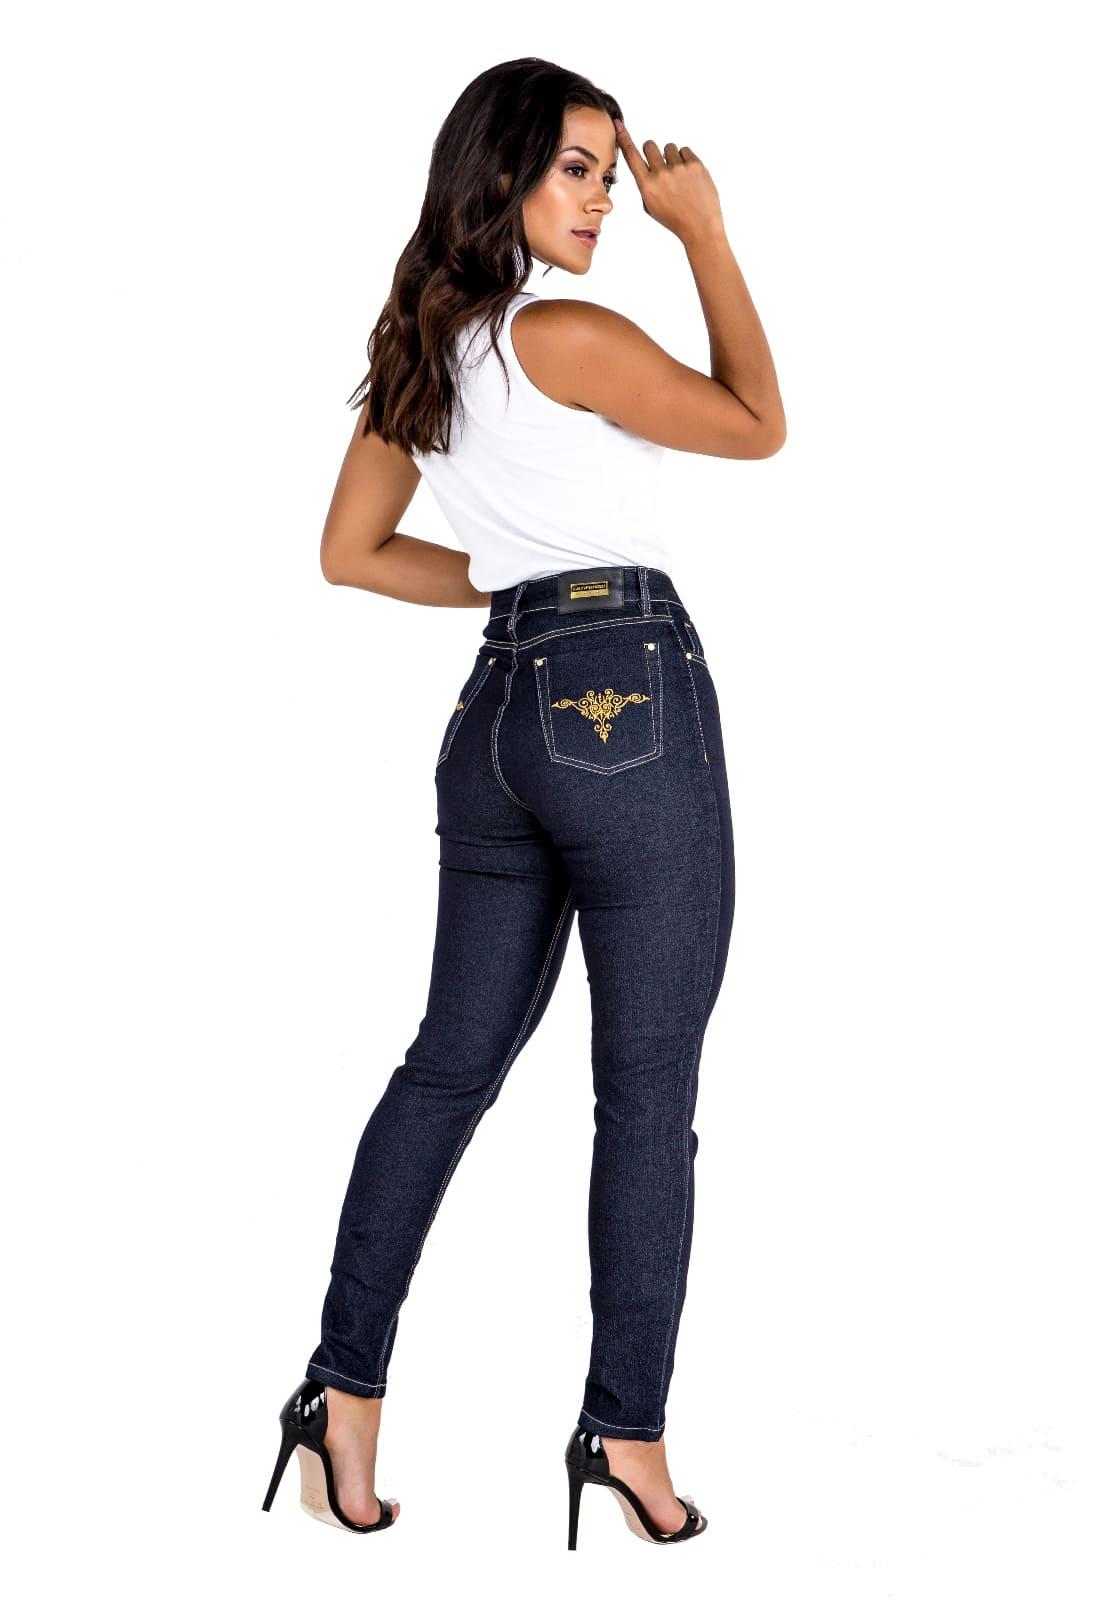 Calça Skinny Feminina Jeans Amaciado com Filigrana